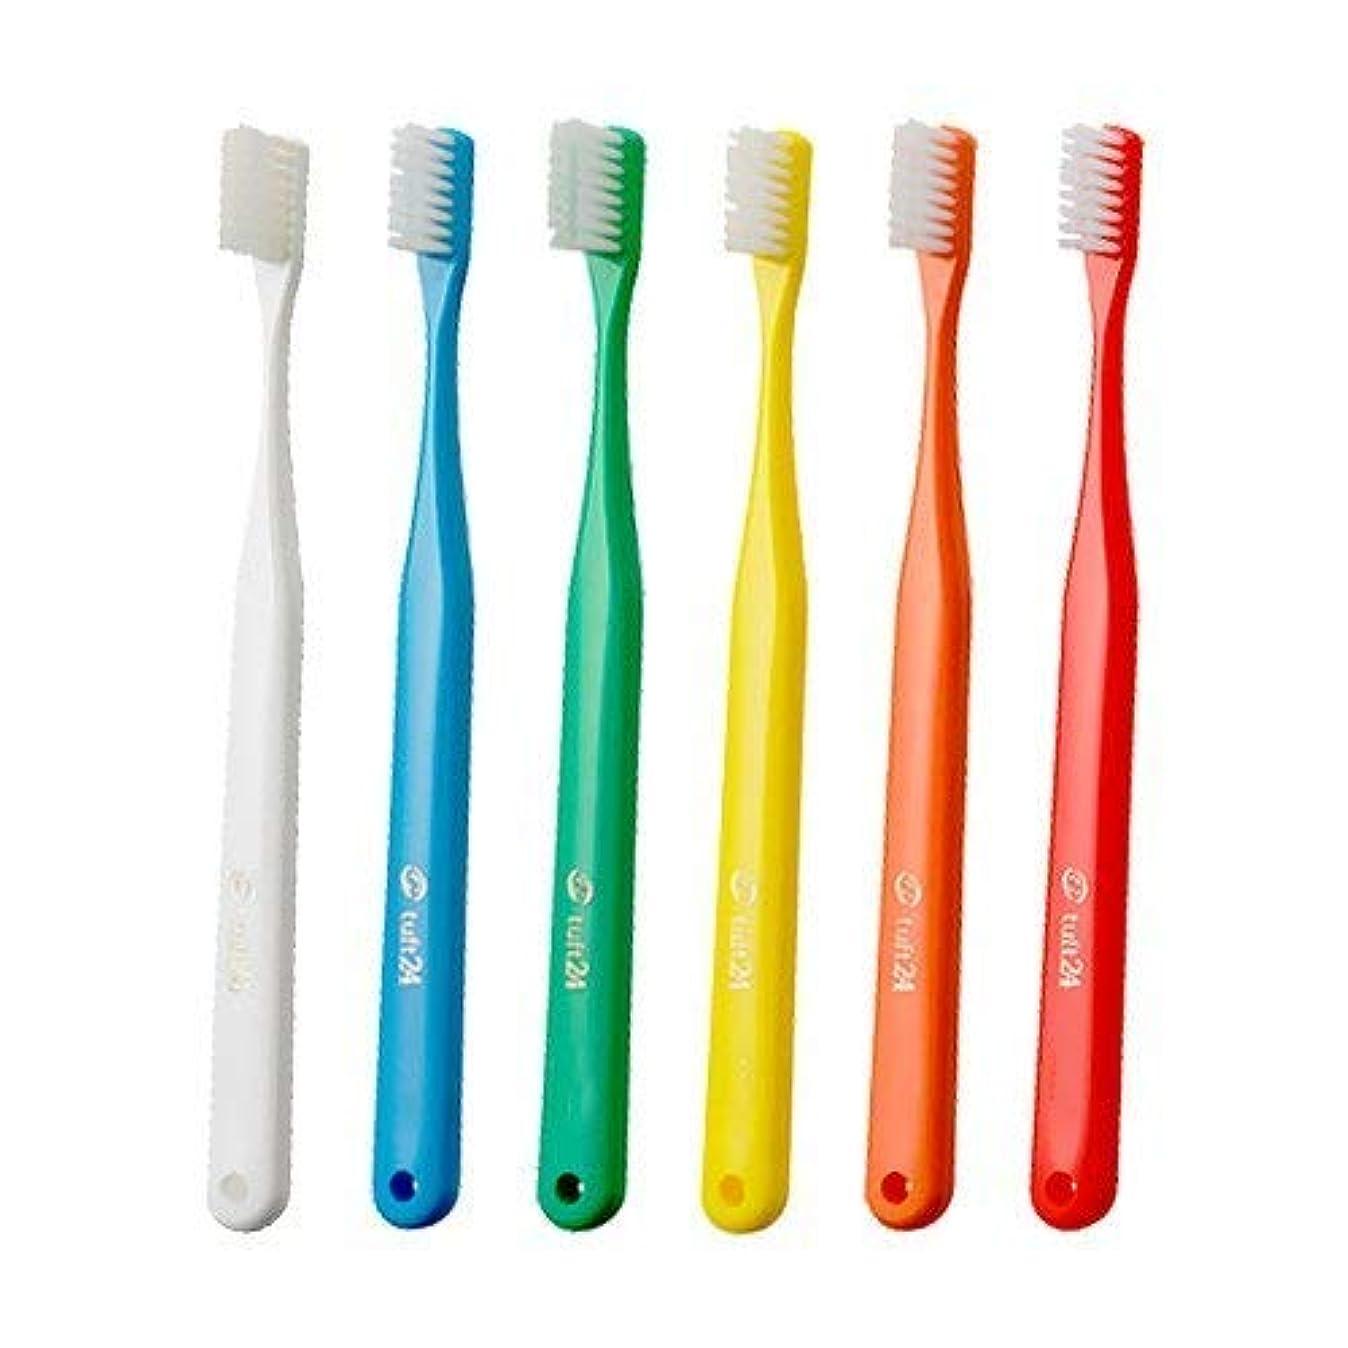 つづりハリケーン魅力オーラルケア キャップなし タフト24 歯ブラシ × 10本 (S)